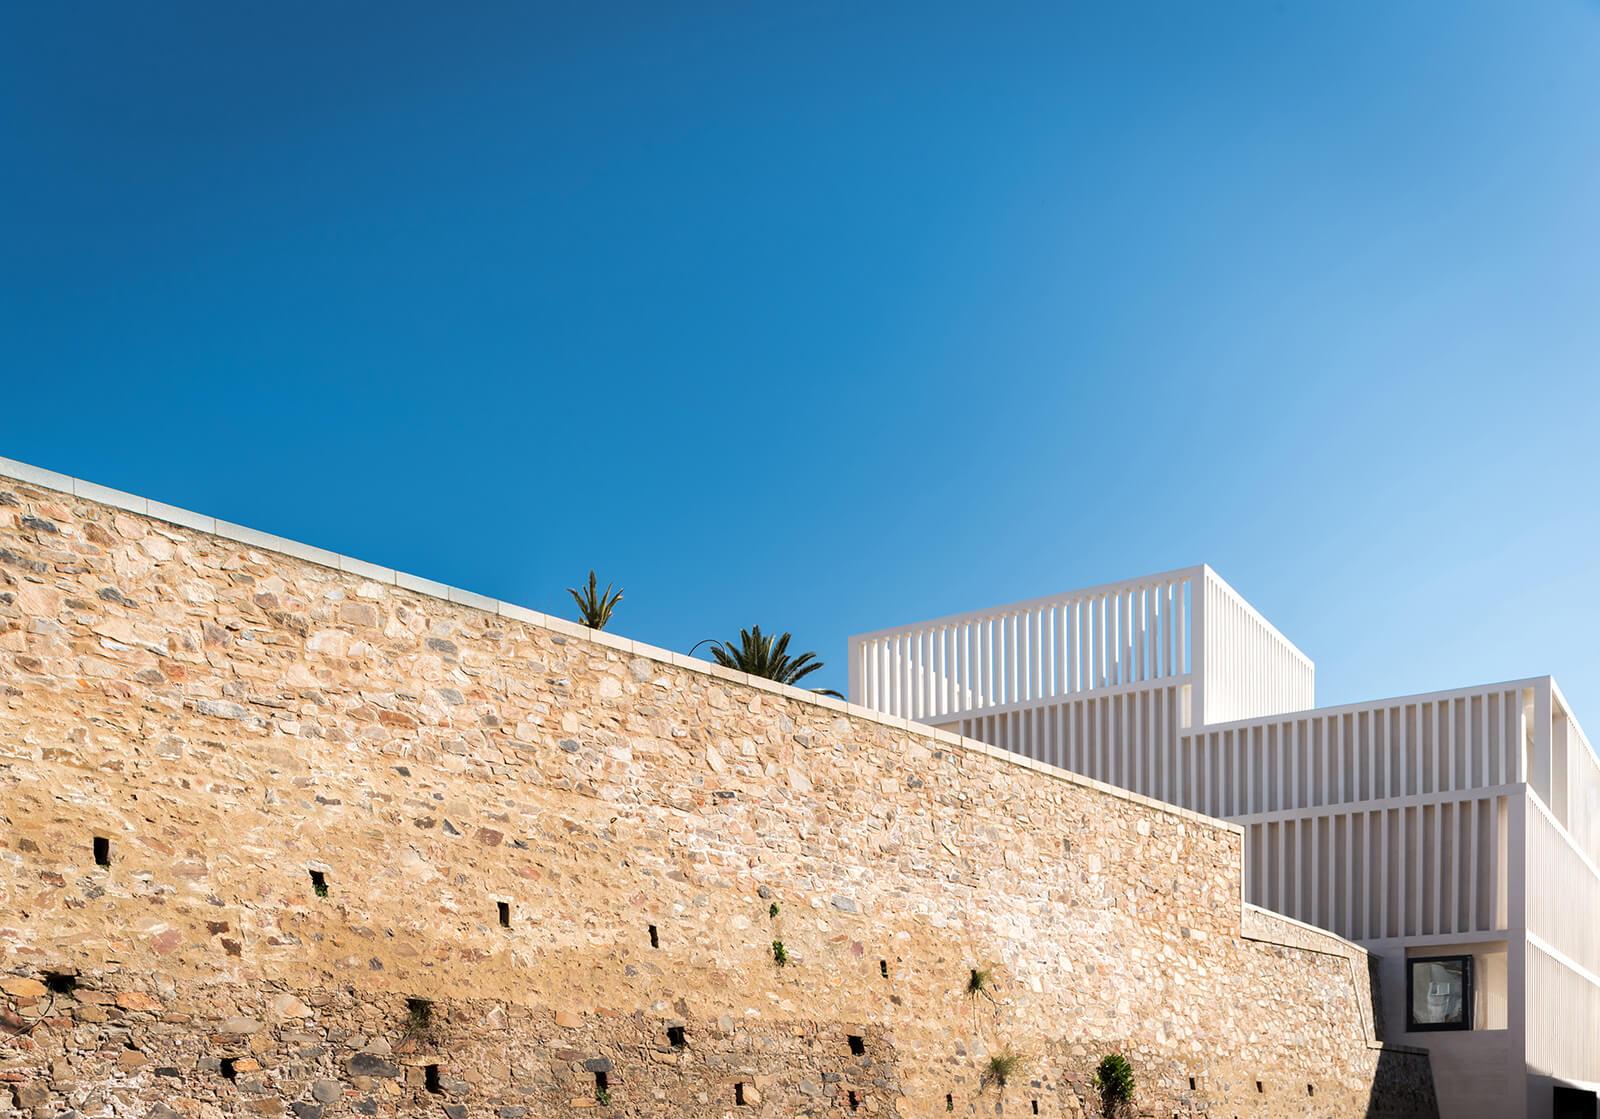 Museo de Arte Contemporáneo Helga de Alvear  - 2 35